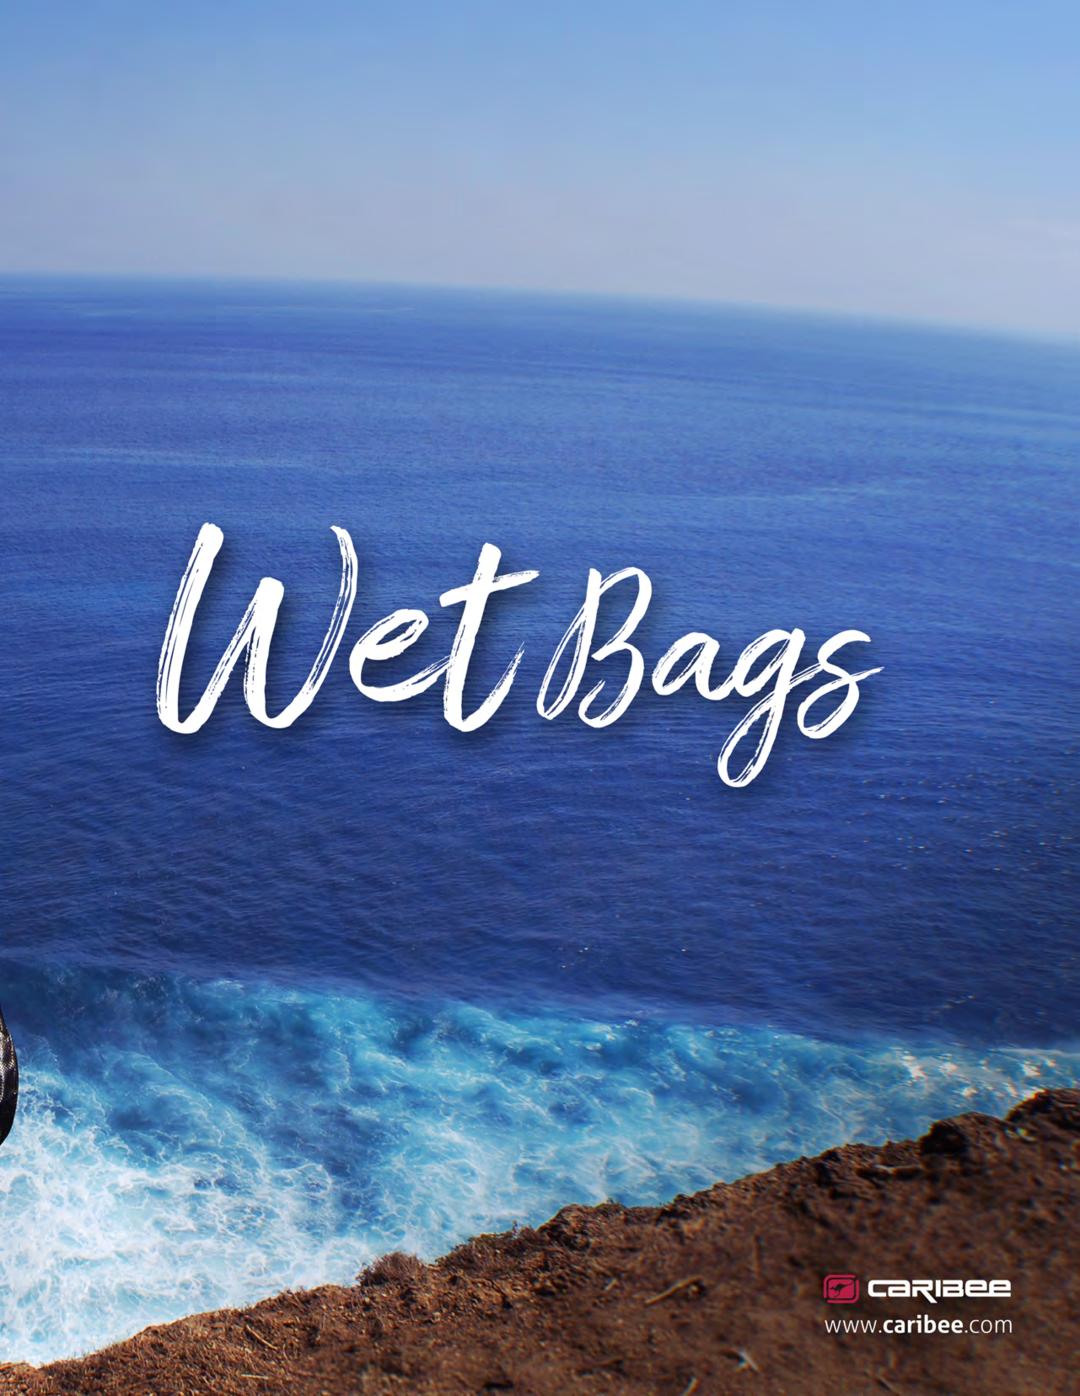 Page 76 of 2021 Caribee Wet Bags - Waterproof & Water Resistant